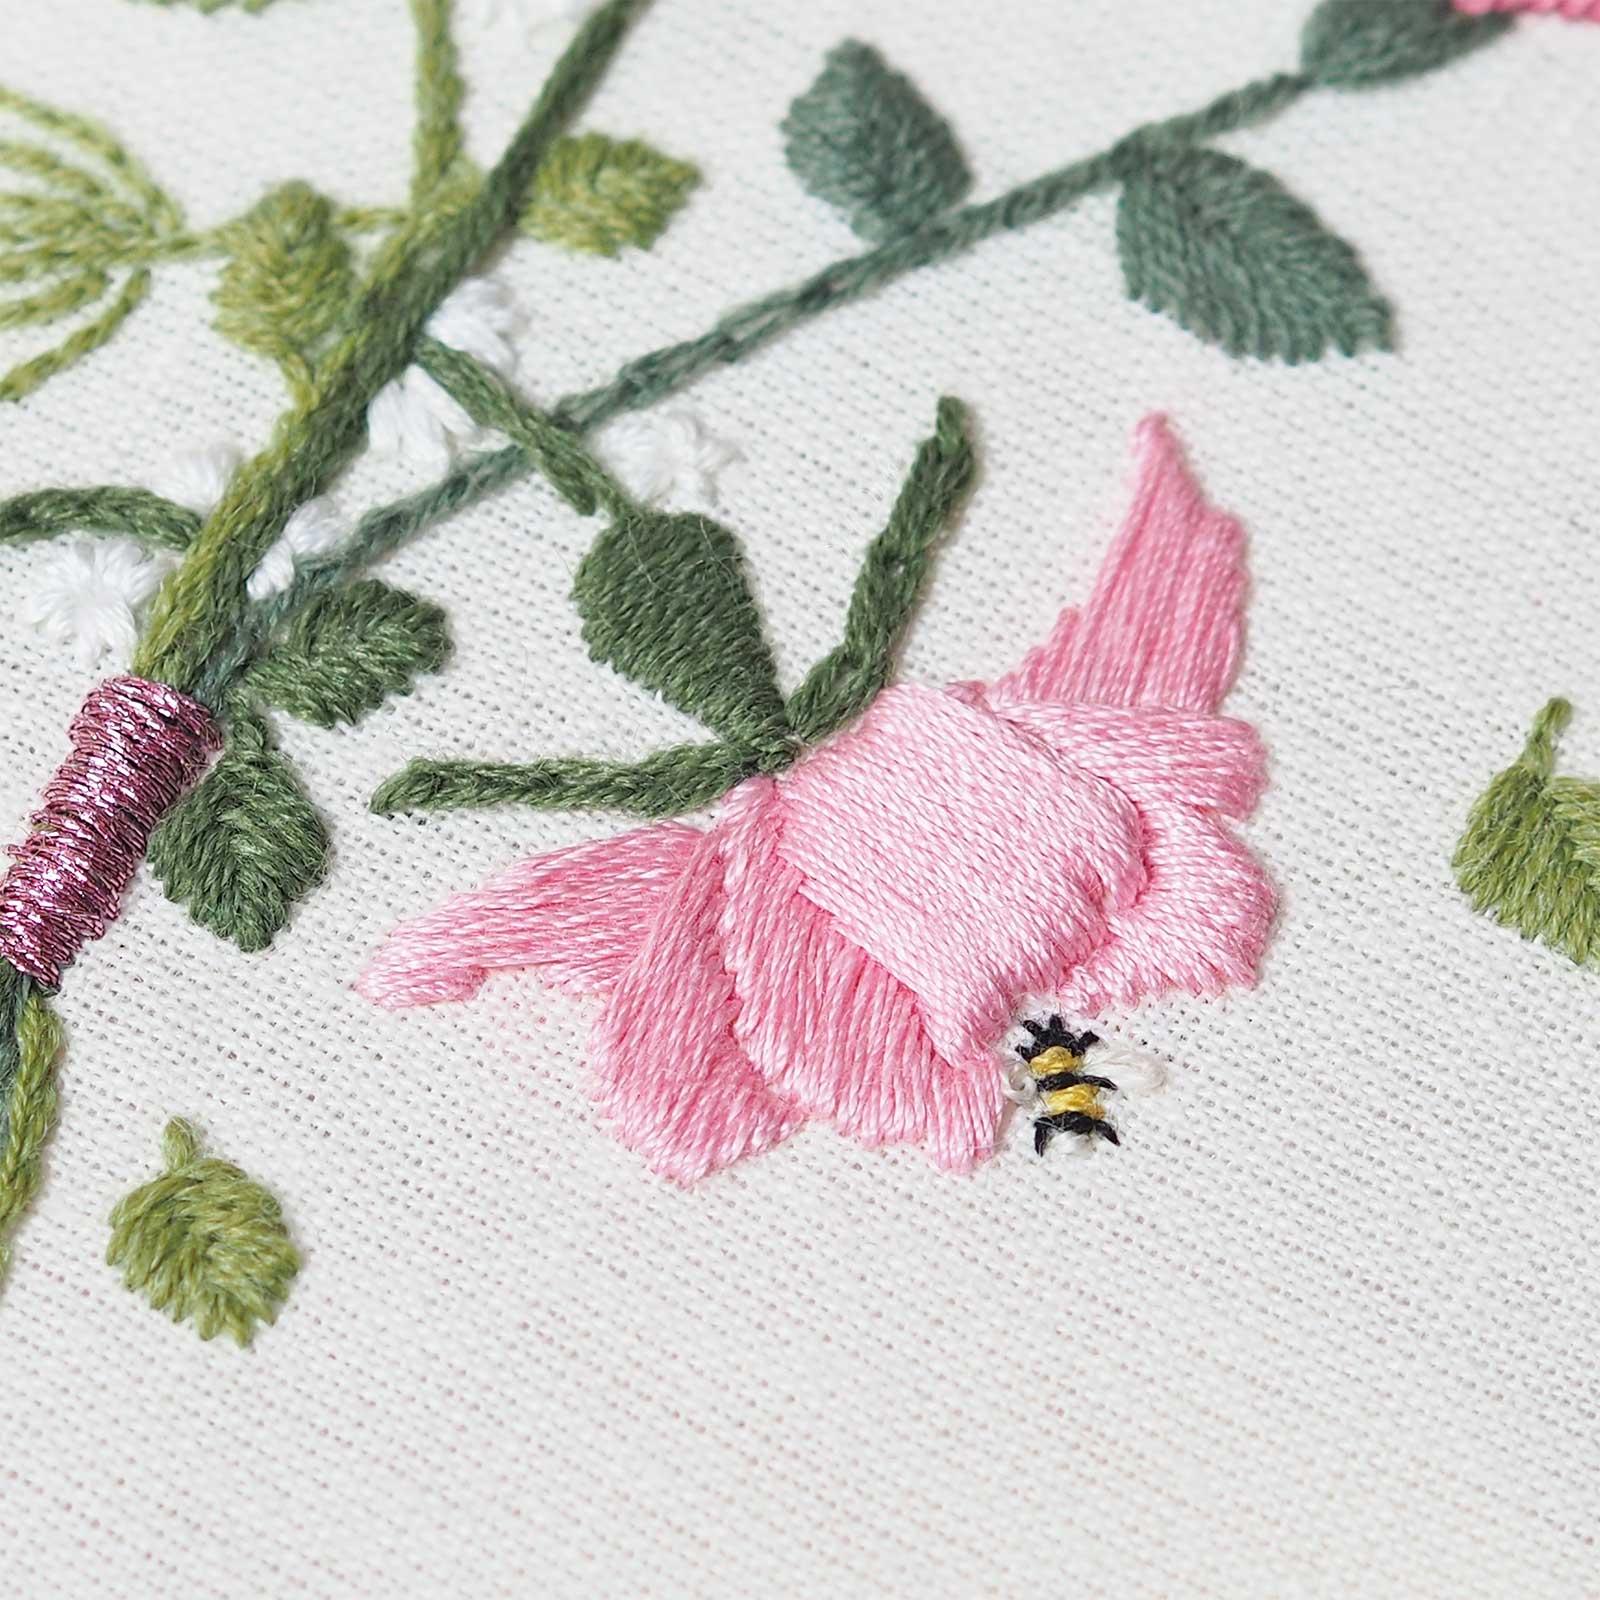 broderie détail abeille mini fleur rose La boutique de MeliMelo